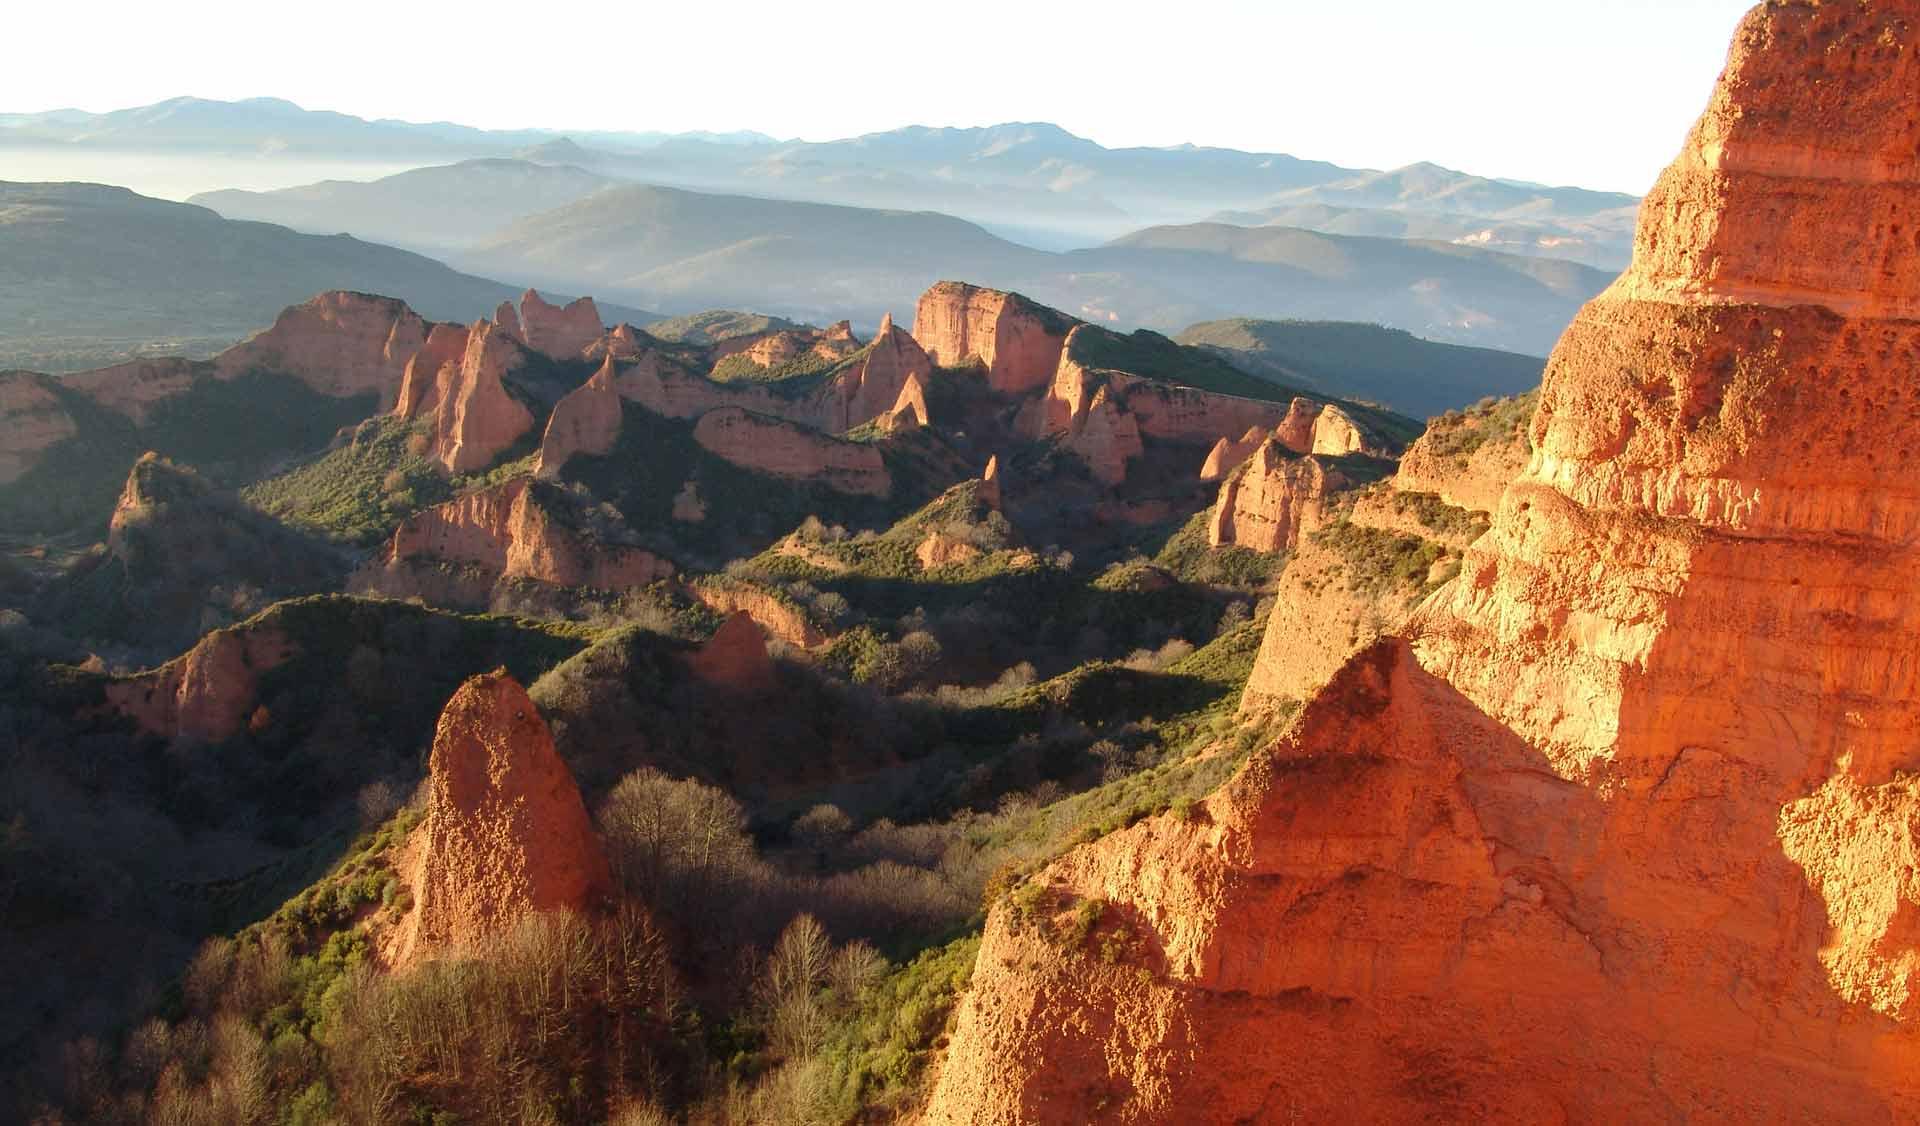 Caminoen Pilgrimsrejser Og Nordspanien Rejser Spain Is More